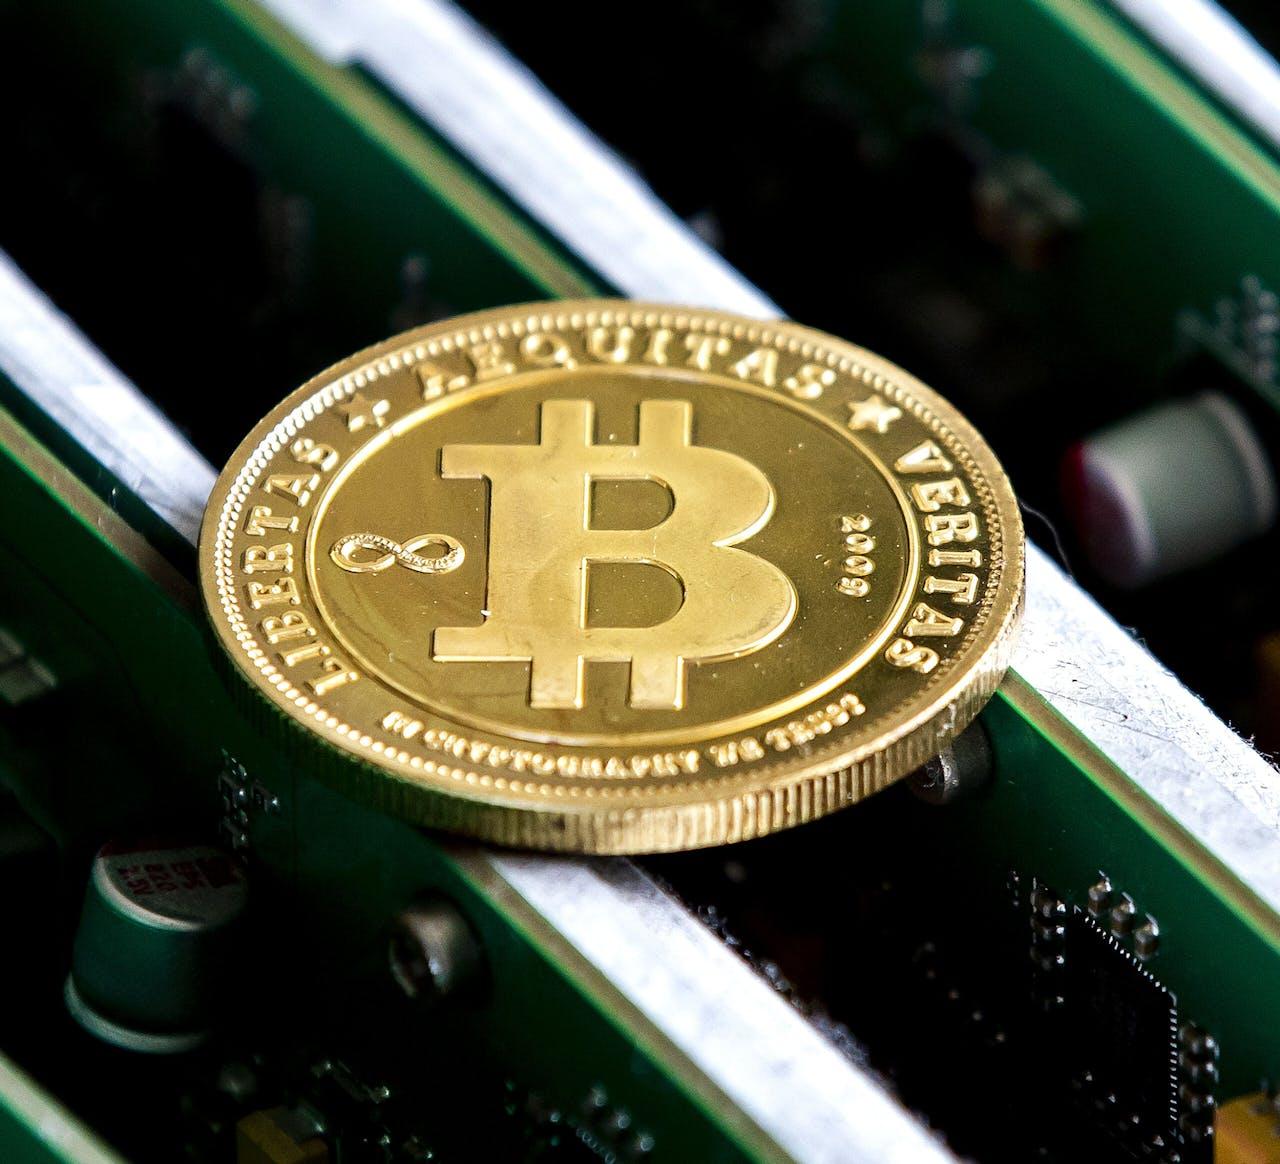 Een munt met daarop het bitcoinlogo